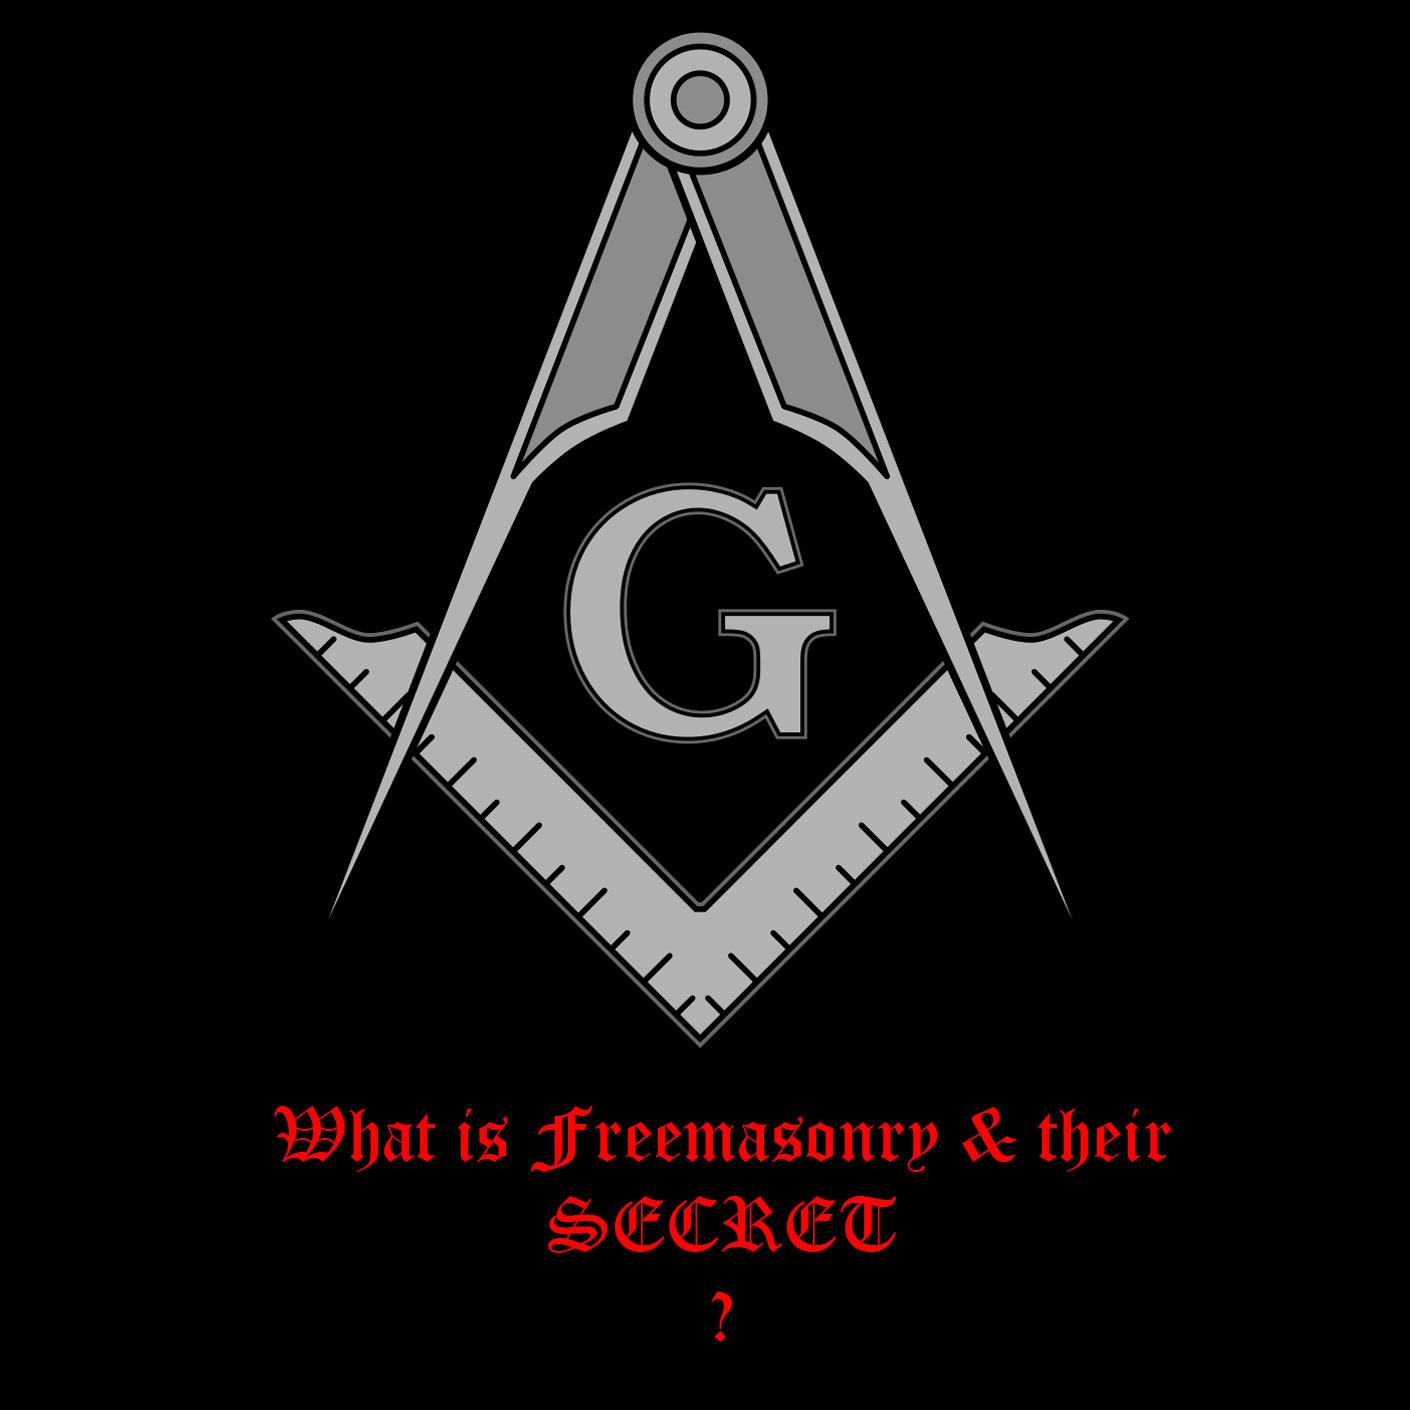 قسمت یازدهم : فراماسونری چیست و چه رازی را در خود پنهان دارد؟